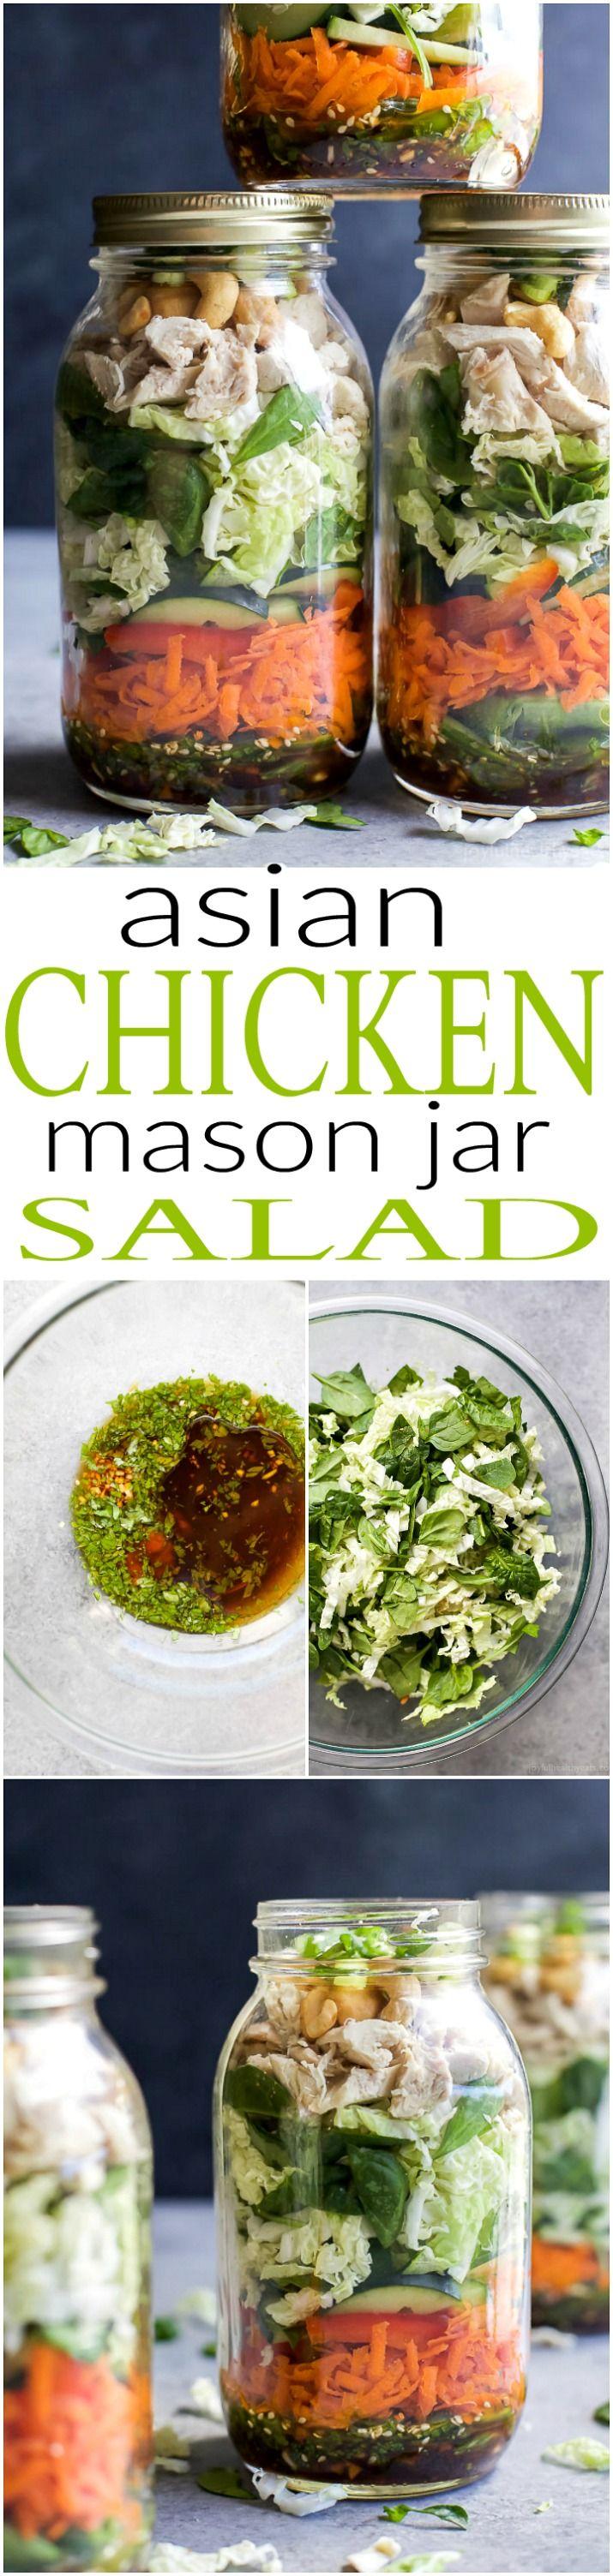 Mason Jar recetas de ensaladas son una comida deliciosa, fácil, y perfecta para la semana!  Este ASIÁTICO JAR ensalada de pollo MASON está cargado con verduras, repollo Napa, pollo asado y rematado con un aderezo de sésamo - hecho en 30 minutos!  |  joyfulhealthyeats.com |  recetas sin gluten